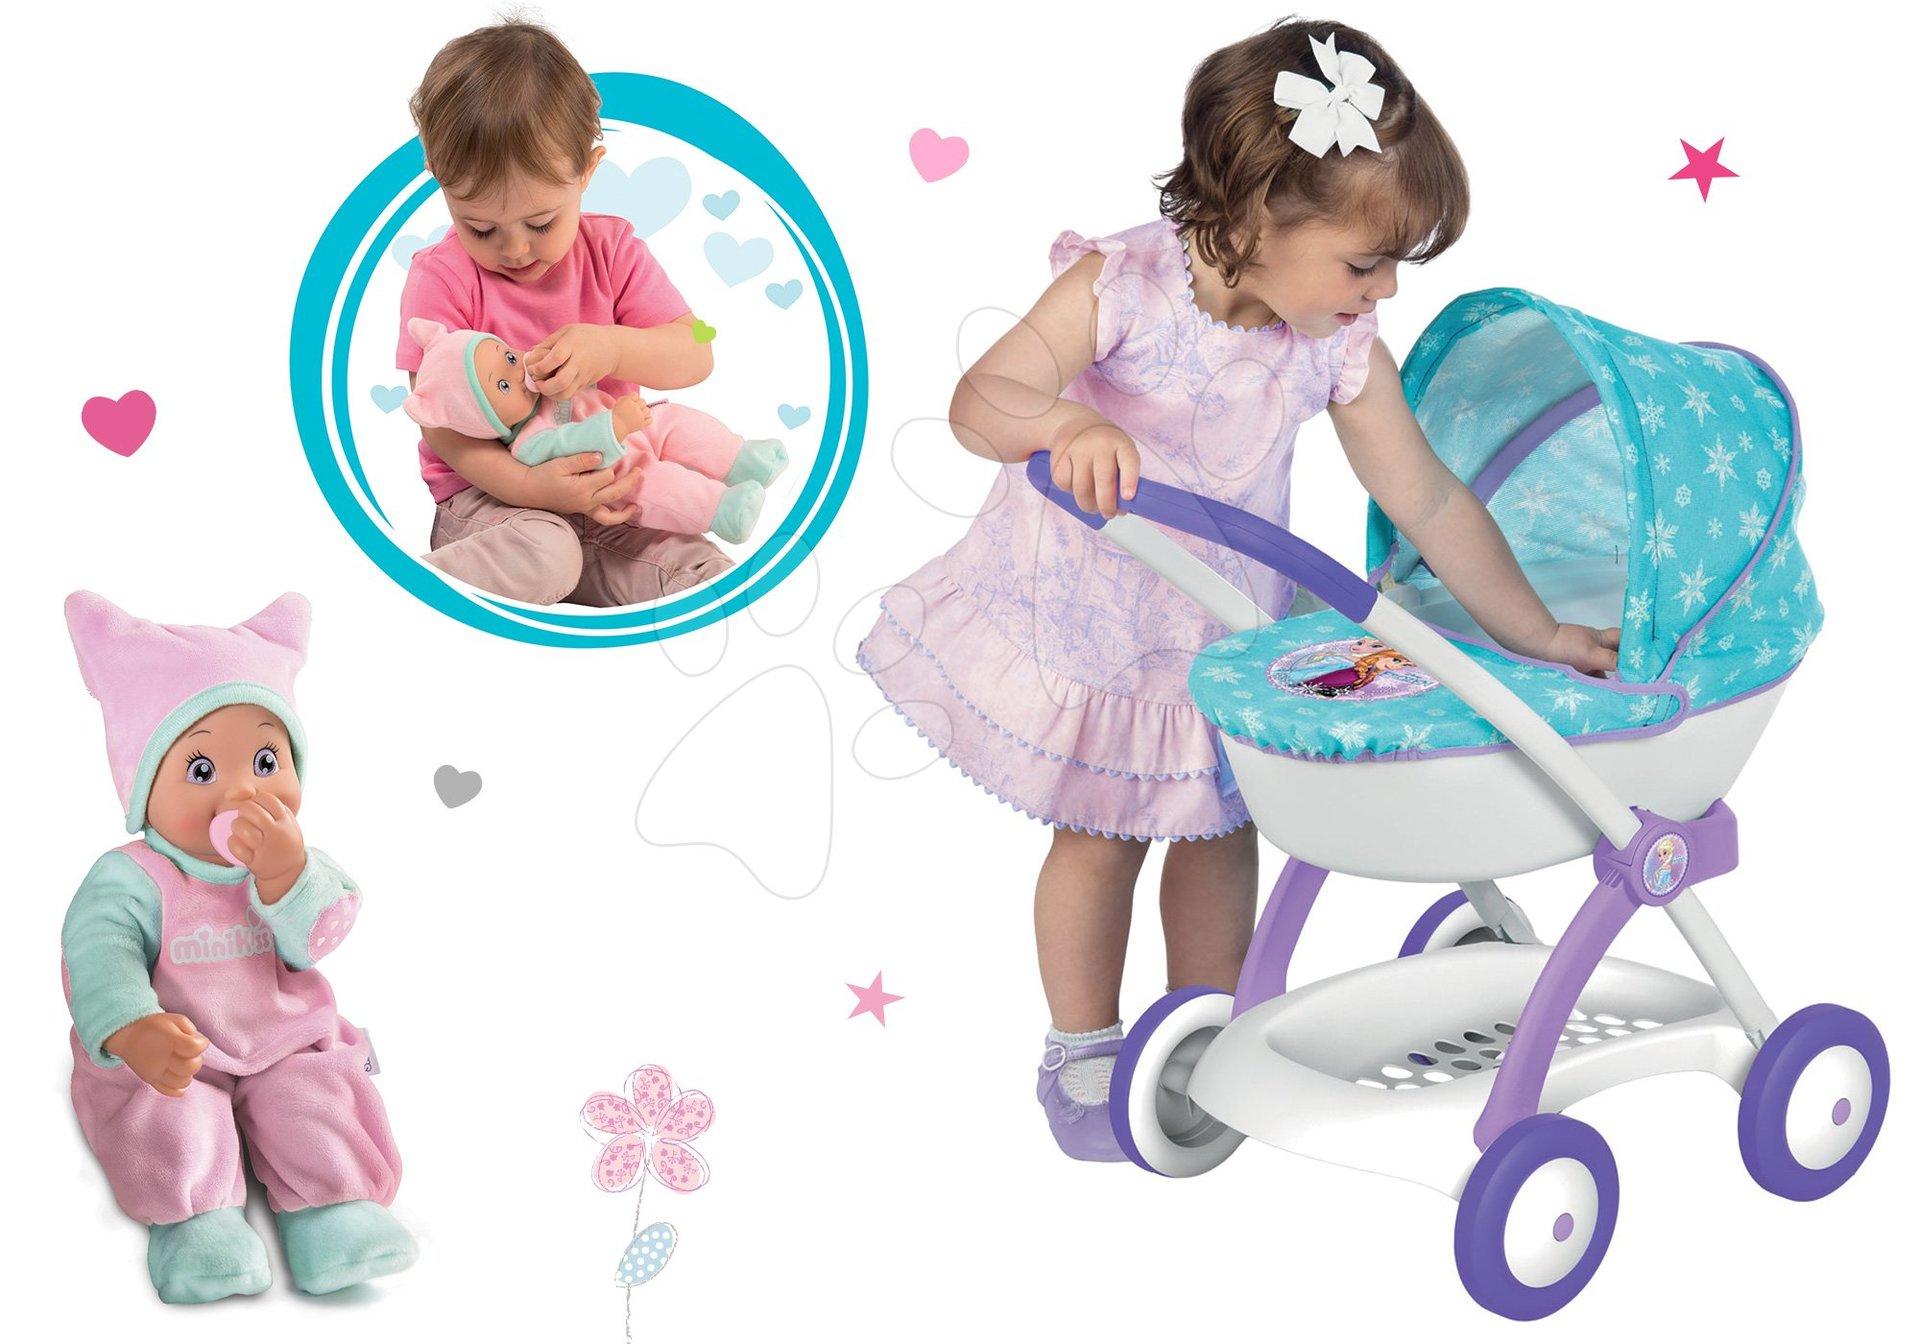 Komplet globoki voziček za 42 cm dojenčka Frozen Disney Smoby in dojenček Minikiss z zvokom in dudo